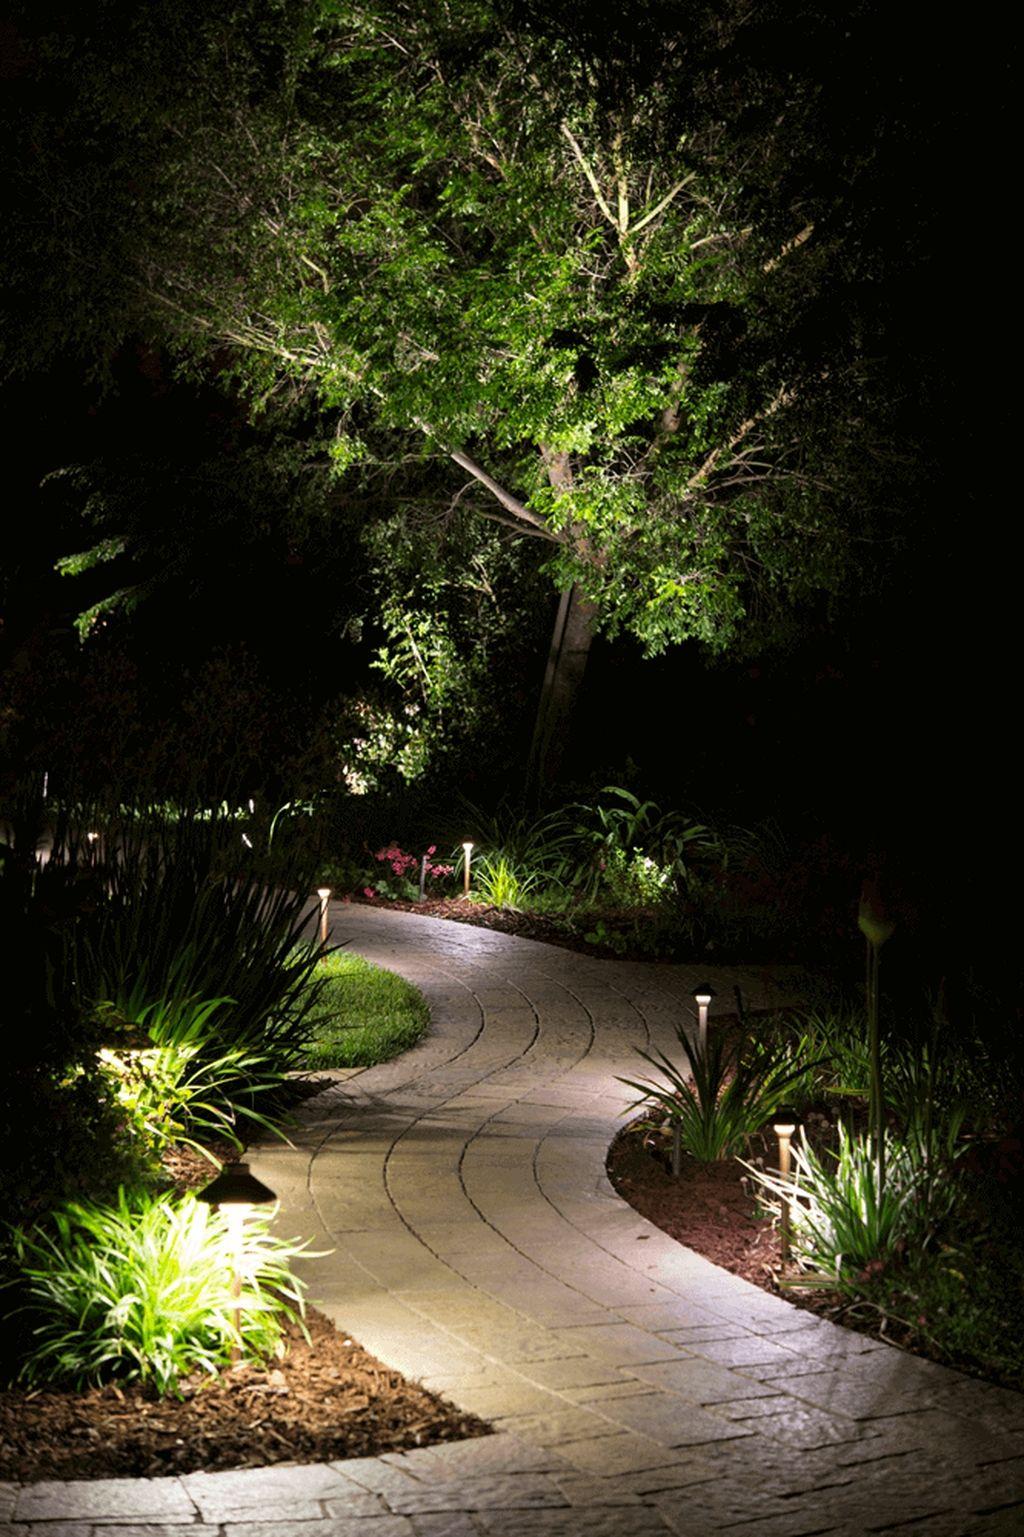 20 Beautiful Light Design Ideas For Garden With Images Landscape Lighting Design Landscape Lighting Solar Lights Garden